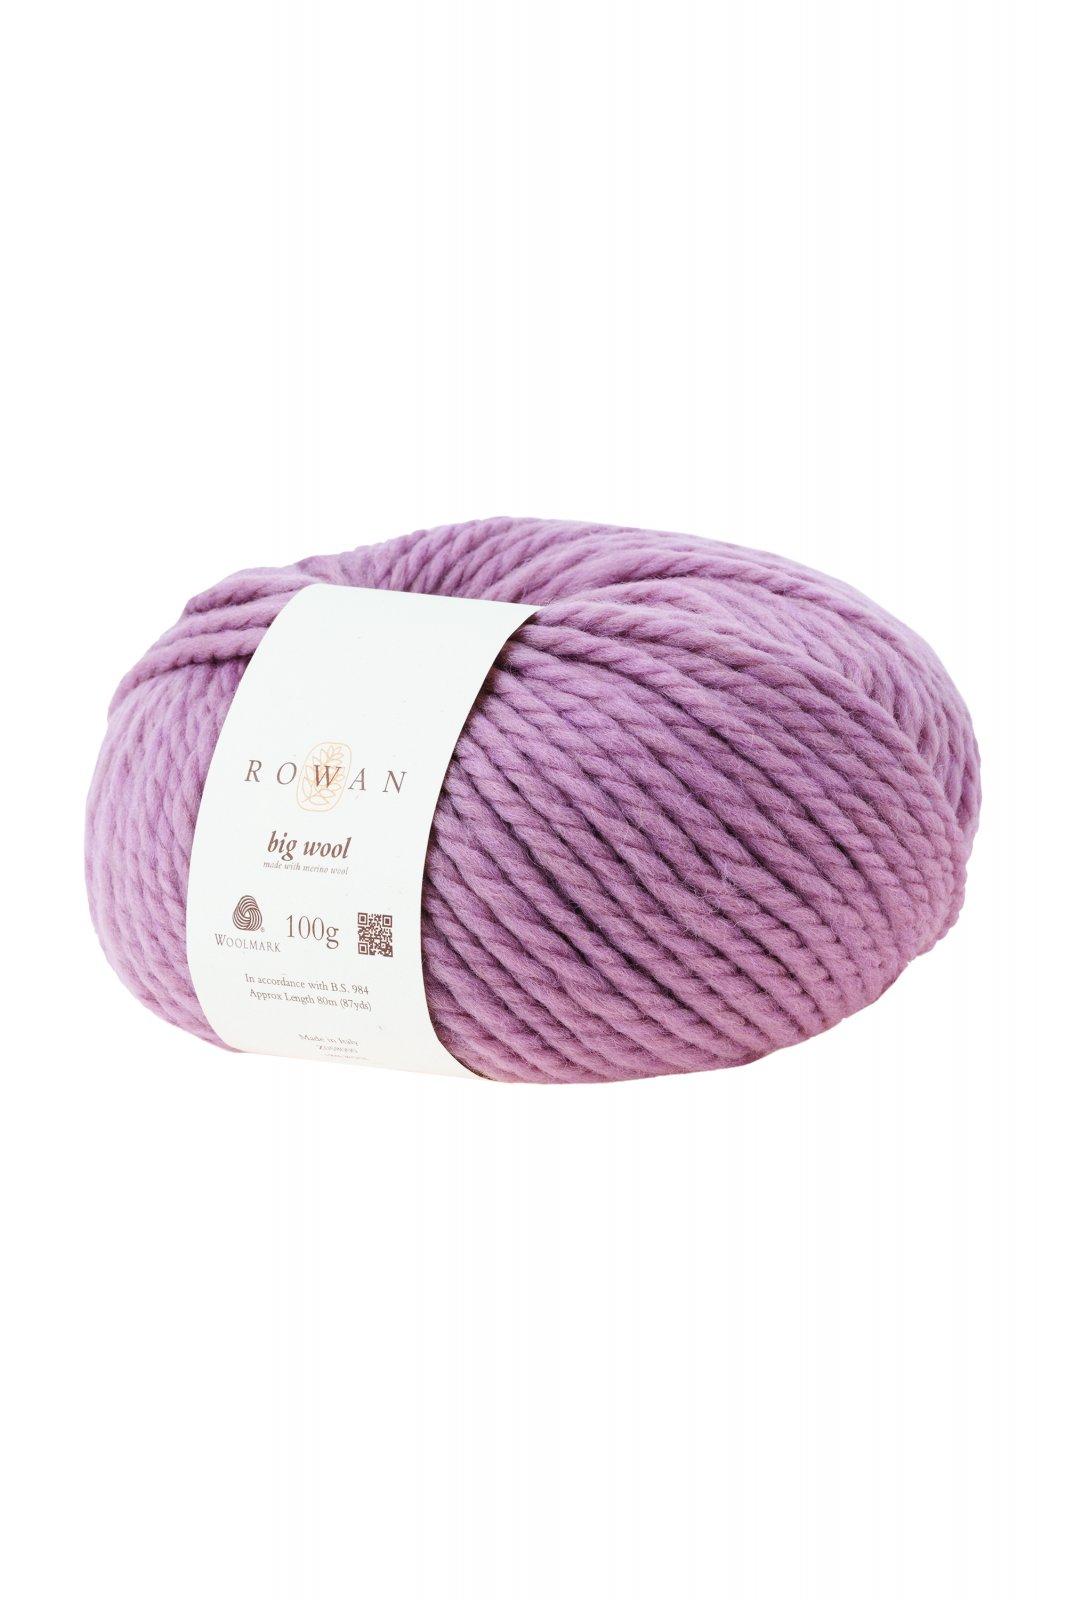 Big Wool (Rowan)